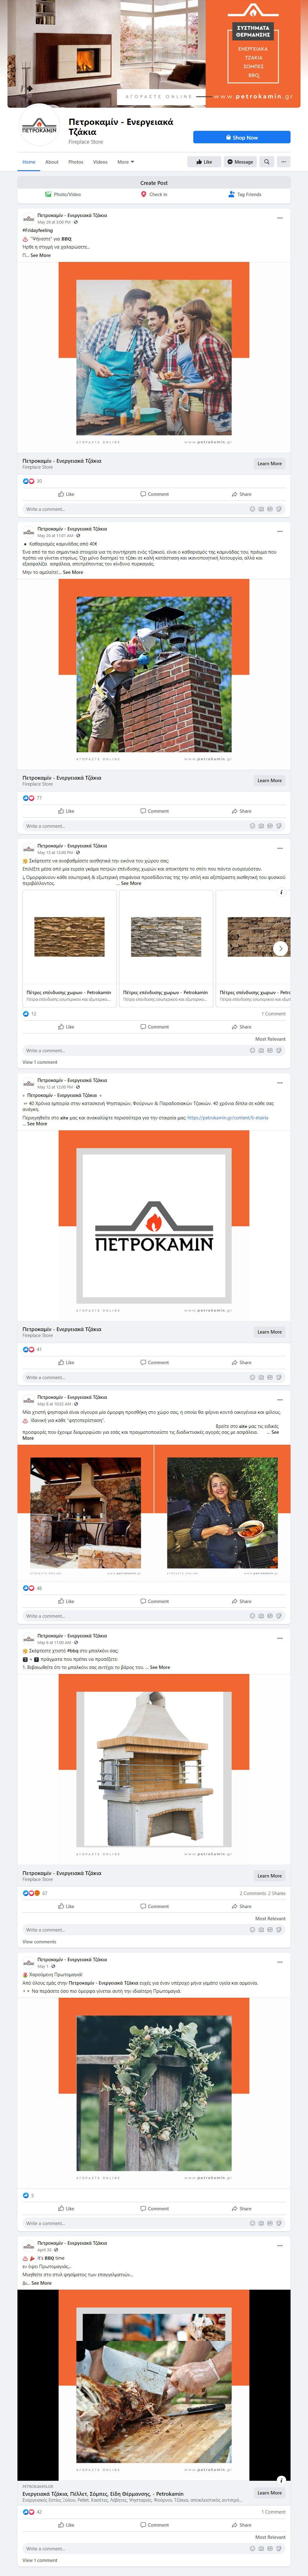 διαχείριση λογαριασμών social media - Petrokamin